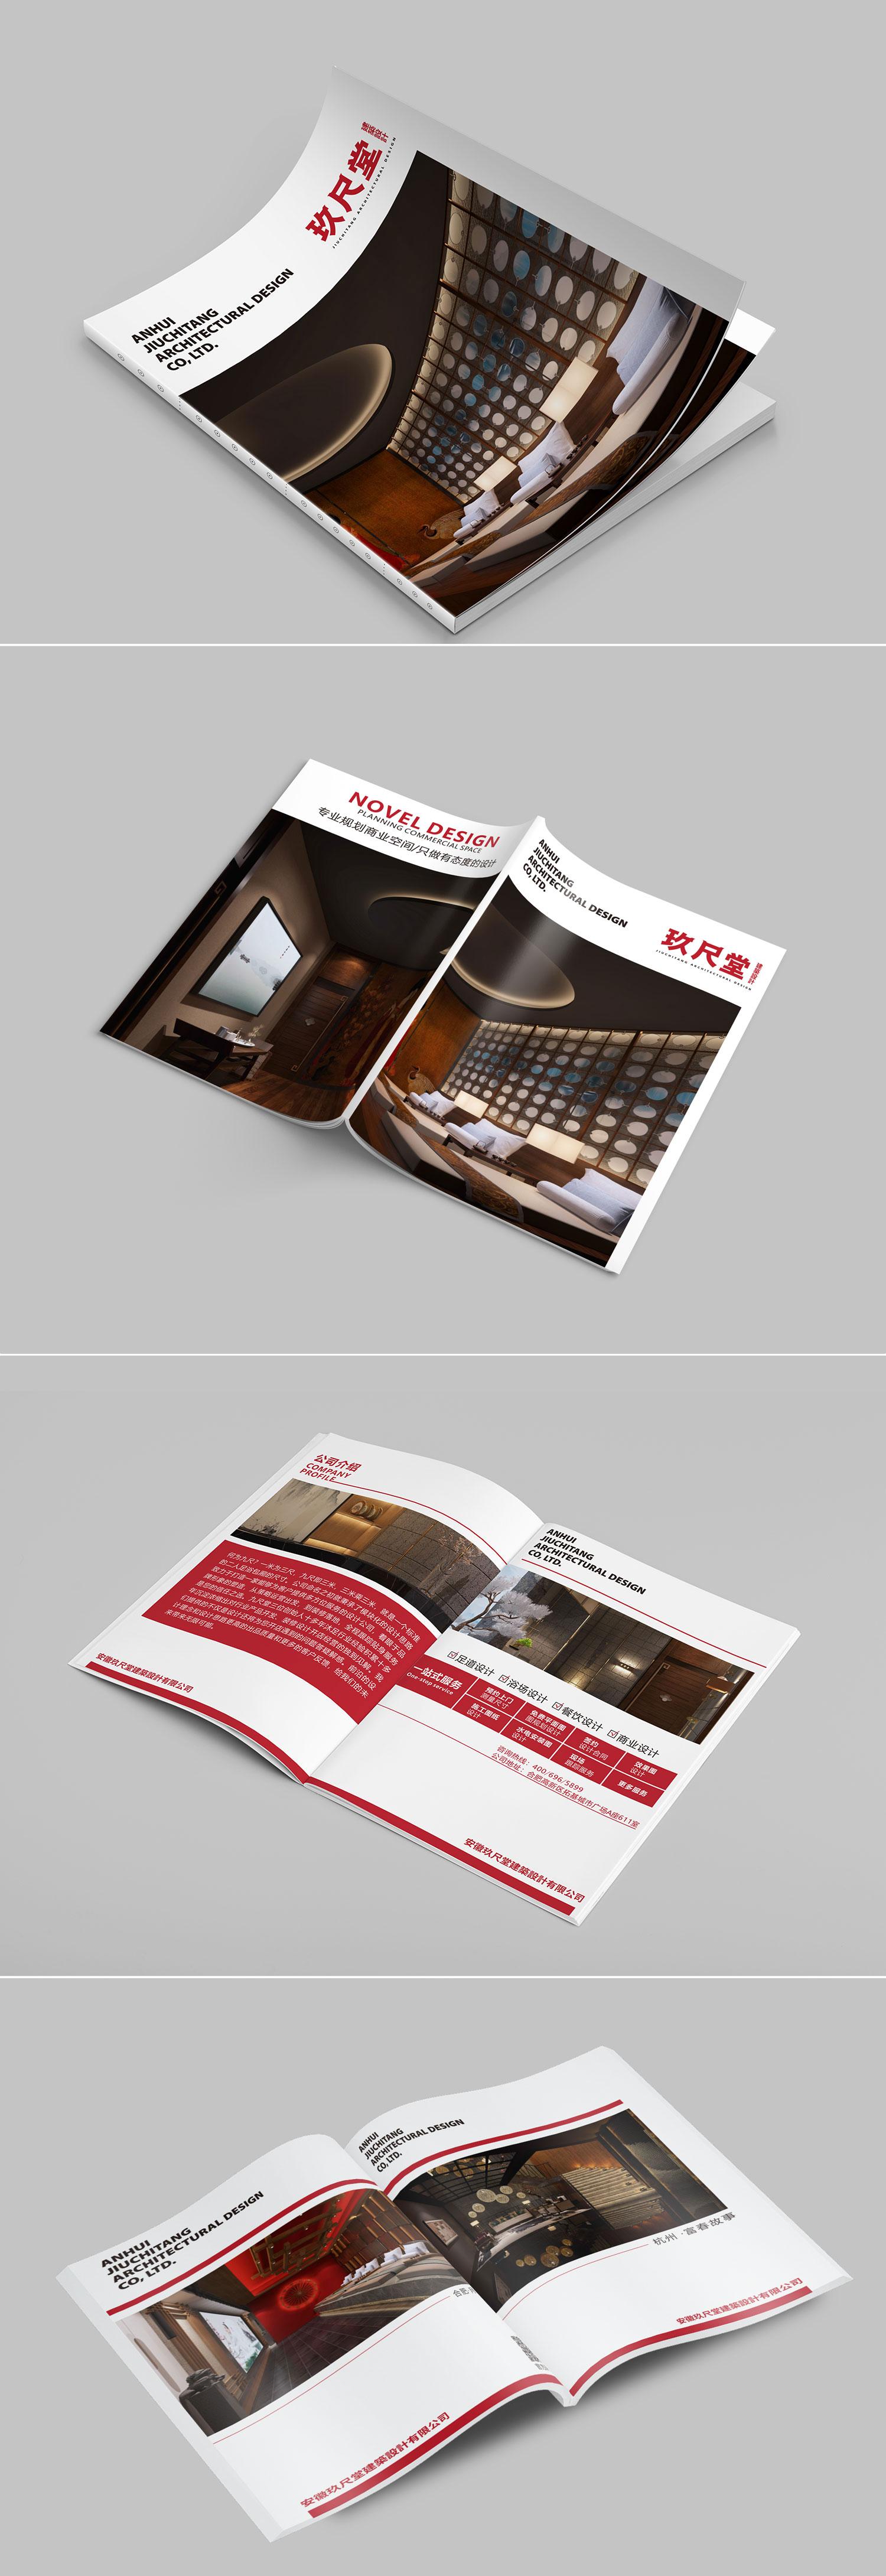 九尺堂企业宣传册设计(图1)